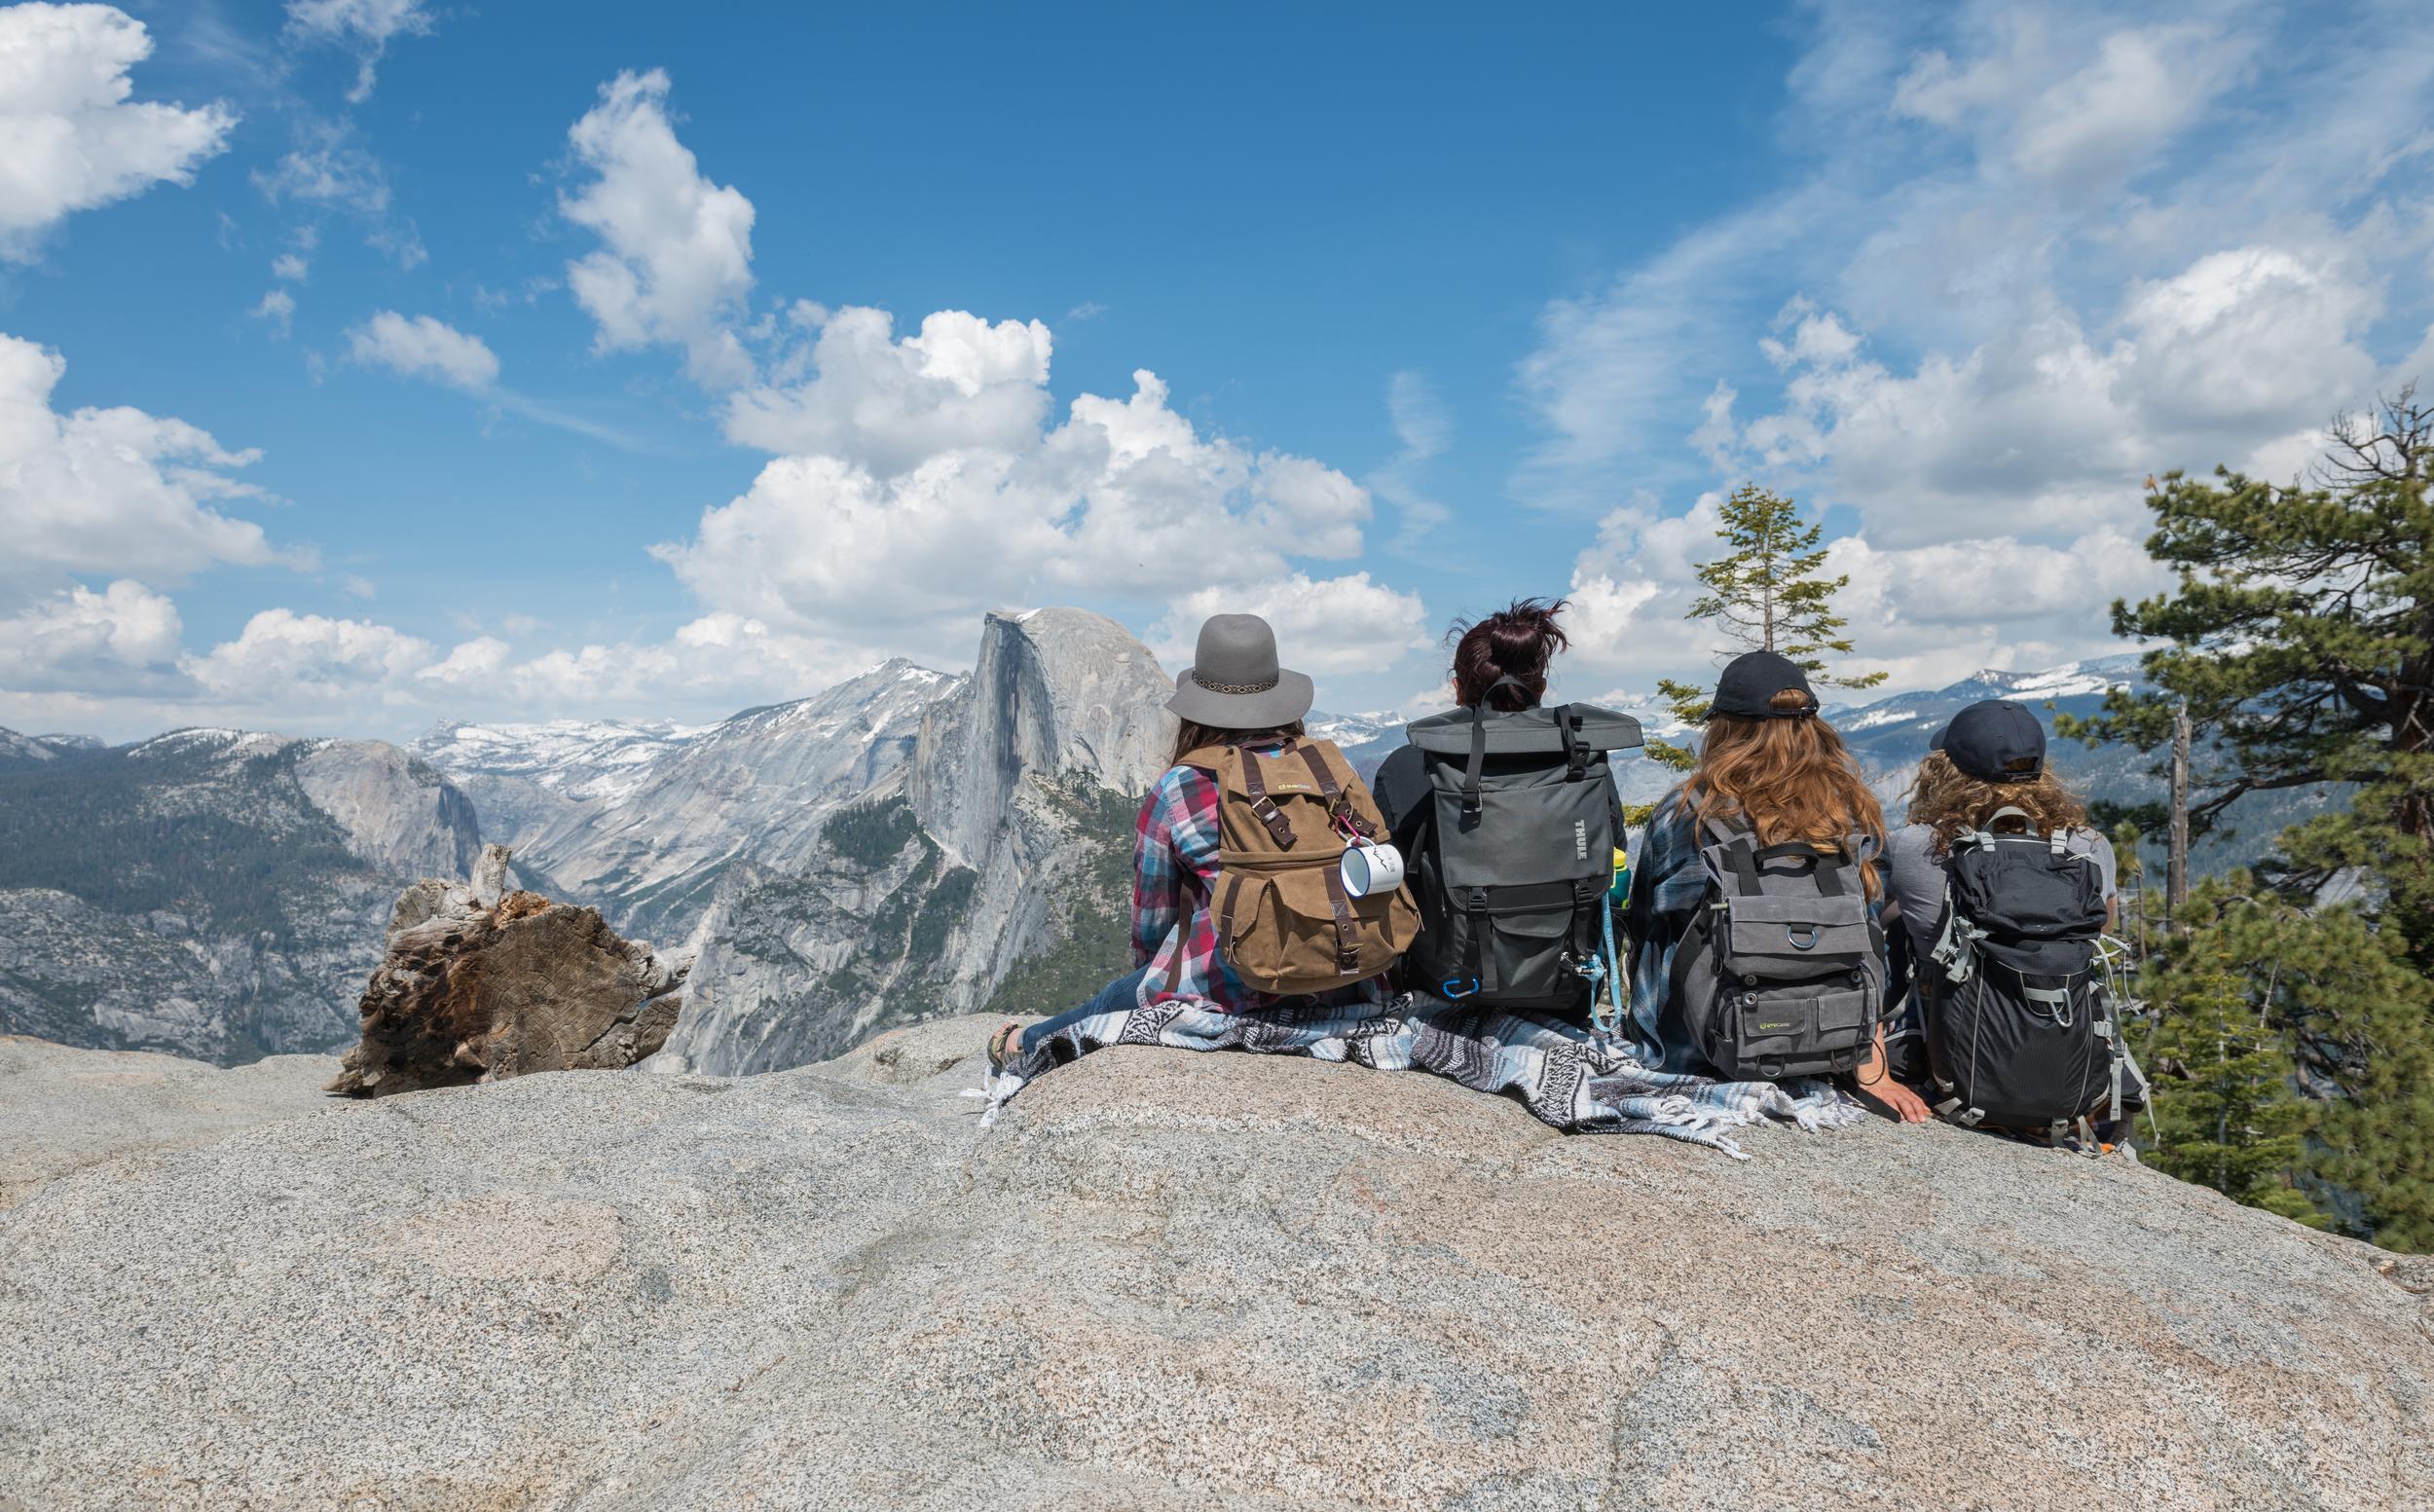 Until next time Yosemite!